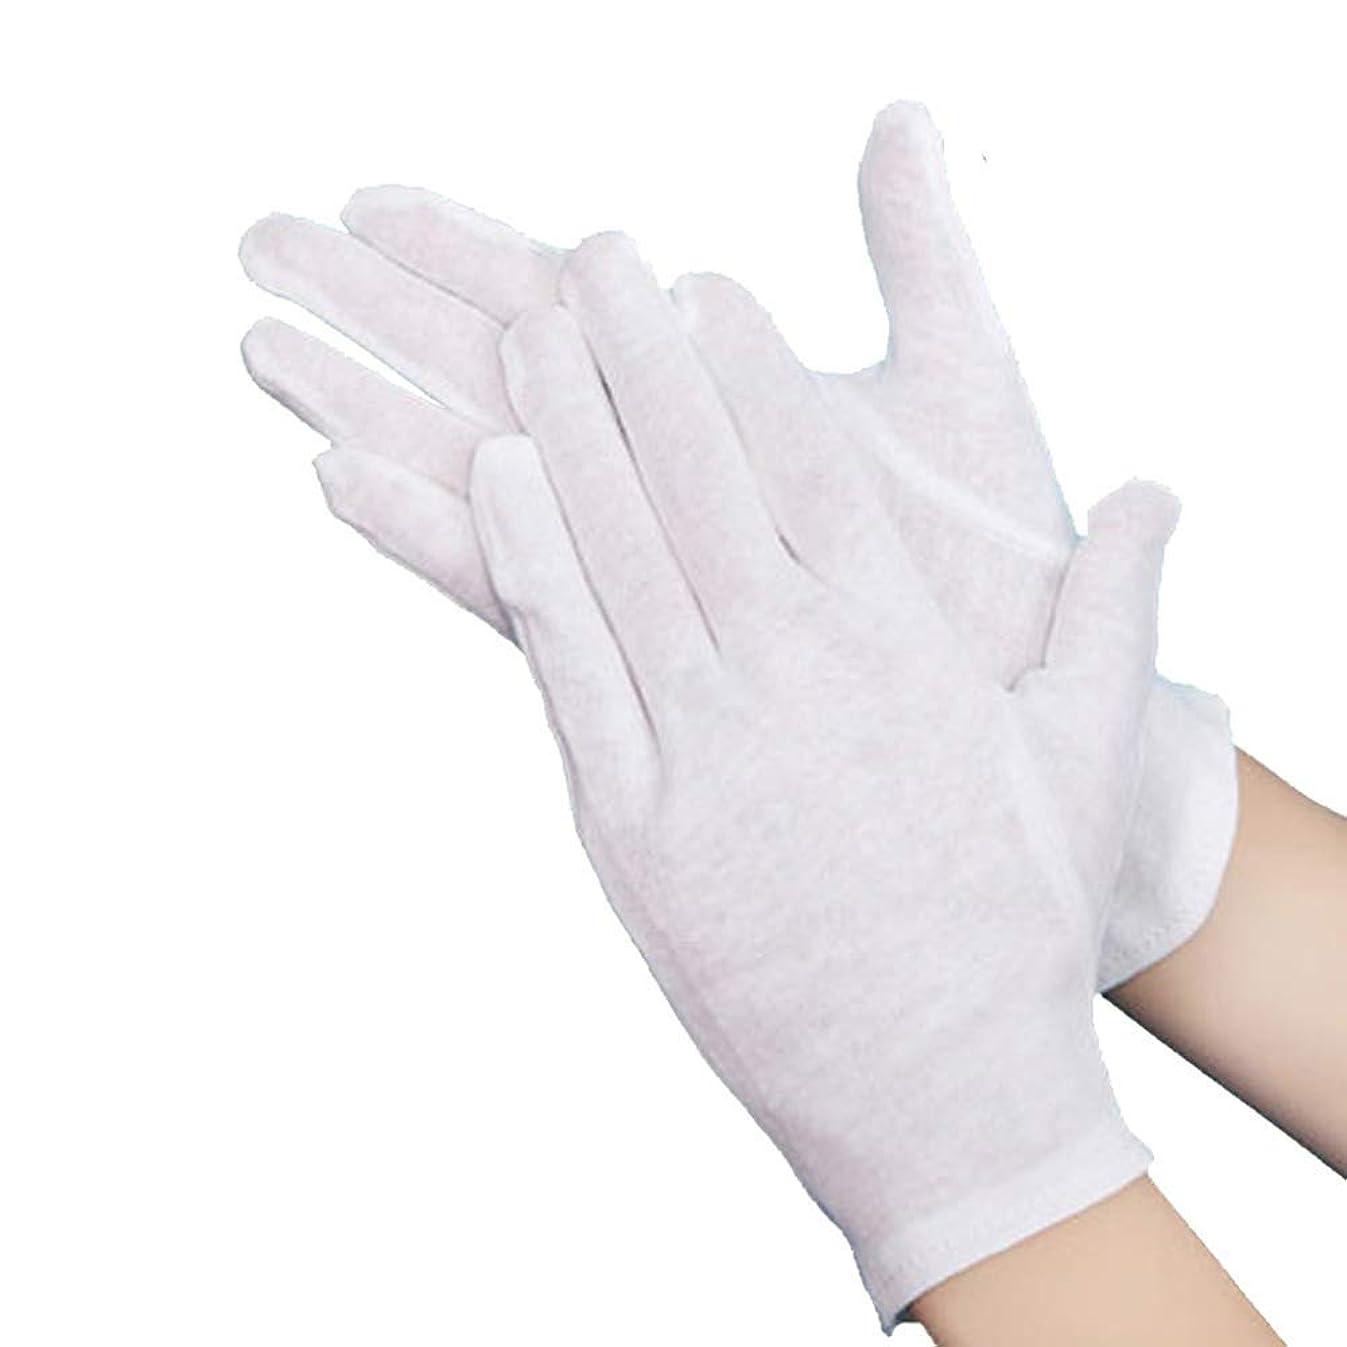 鎮痛剤並外れたベット綿手袋 純綿100%通気性耐久性が強い上に軽く高品質吸汗性が优秀ふんわりとした肌触り10双組